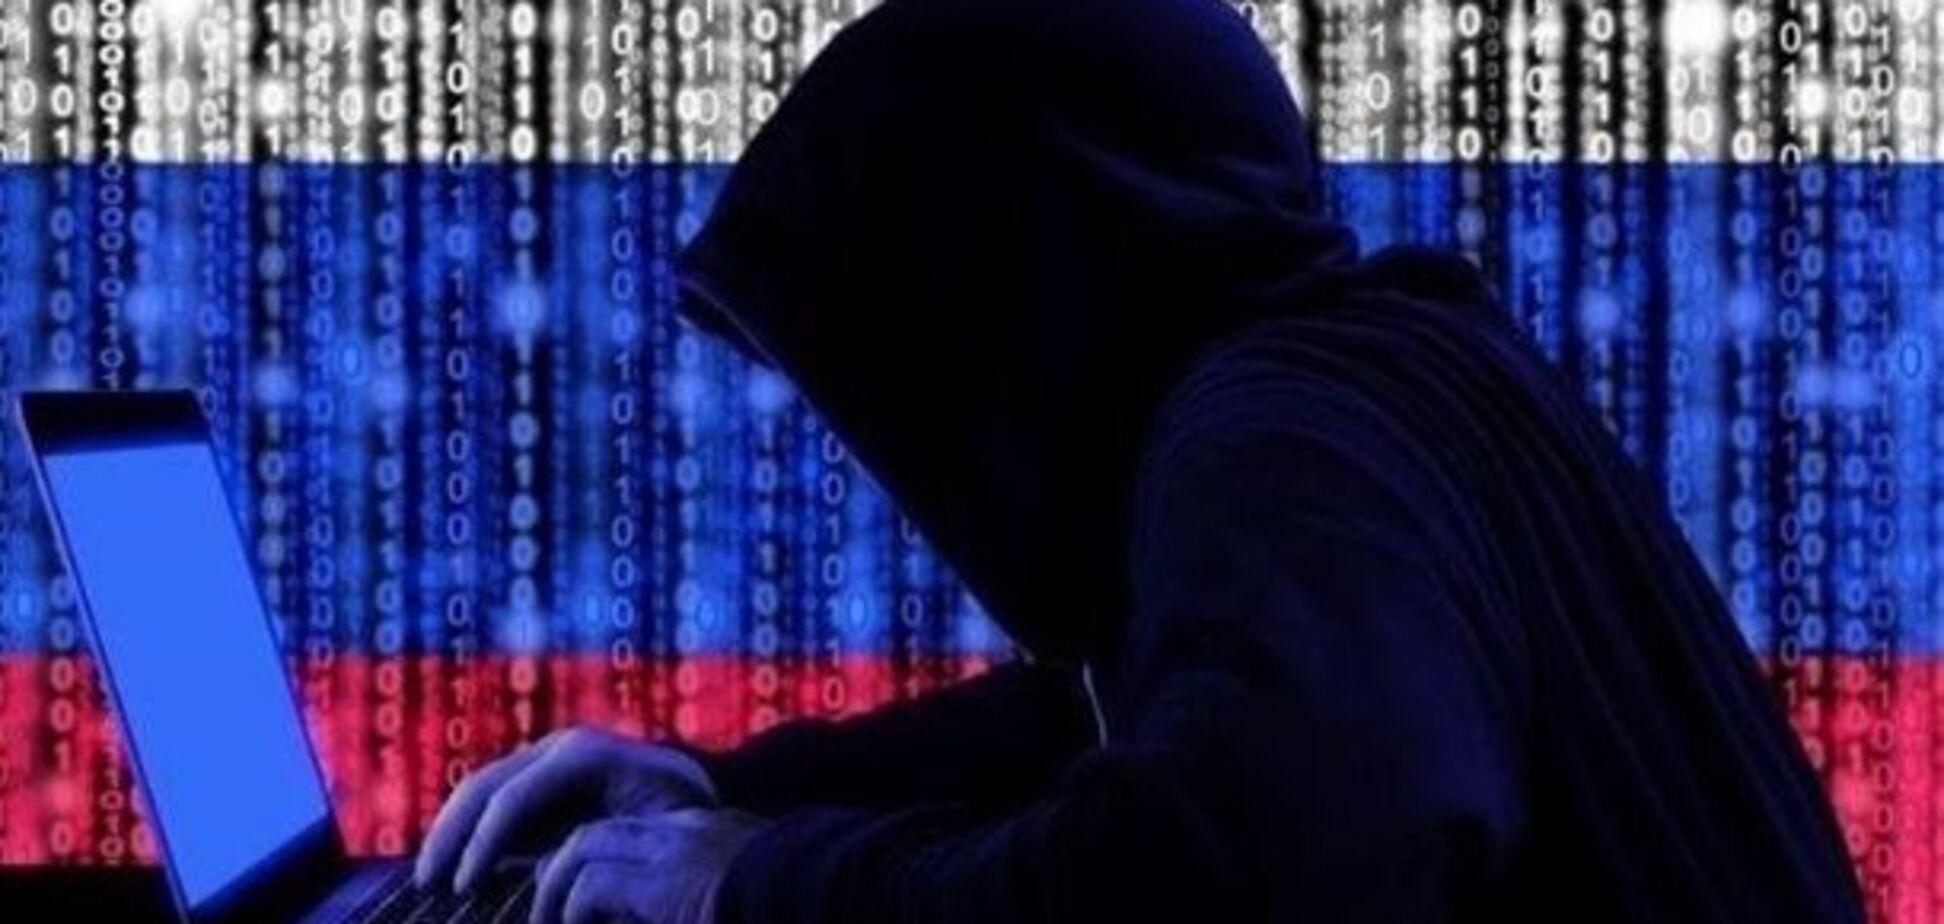 Украли данные спортсменов: Британия обвинила Россию